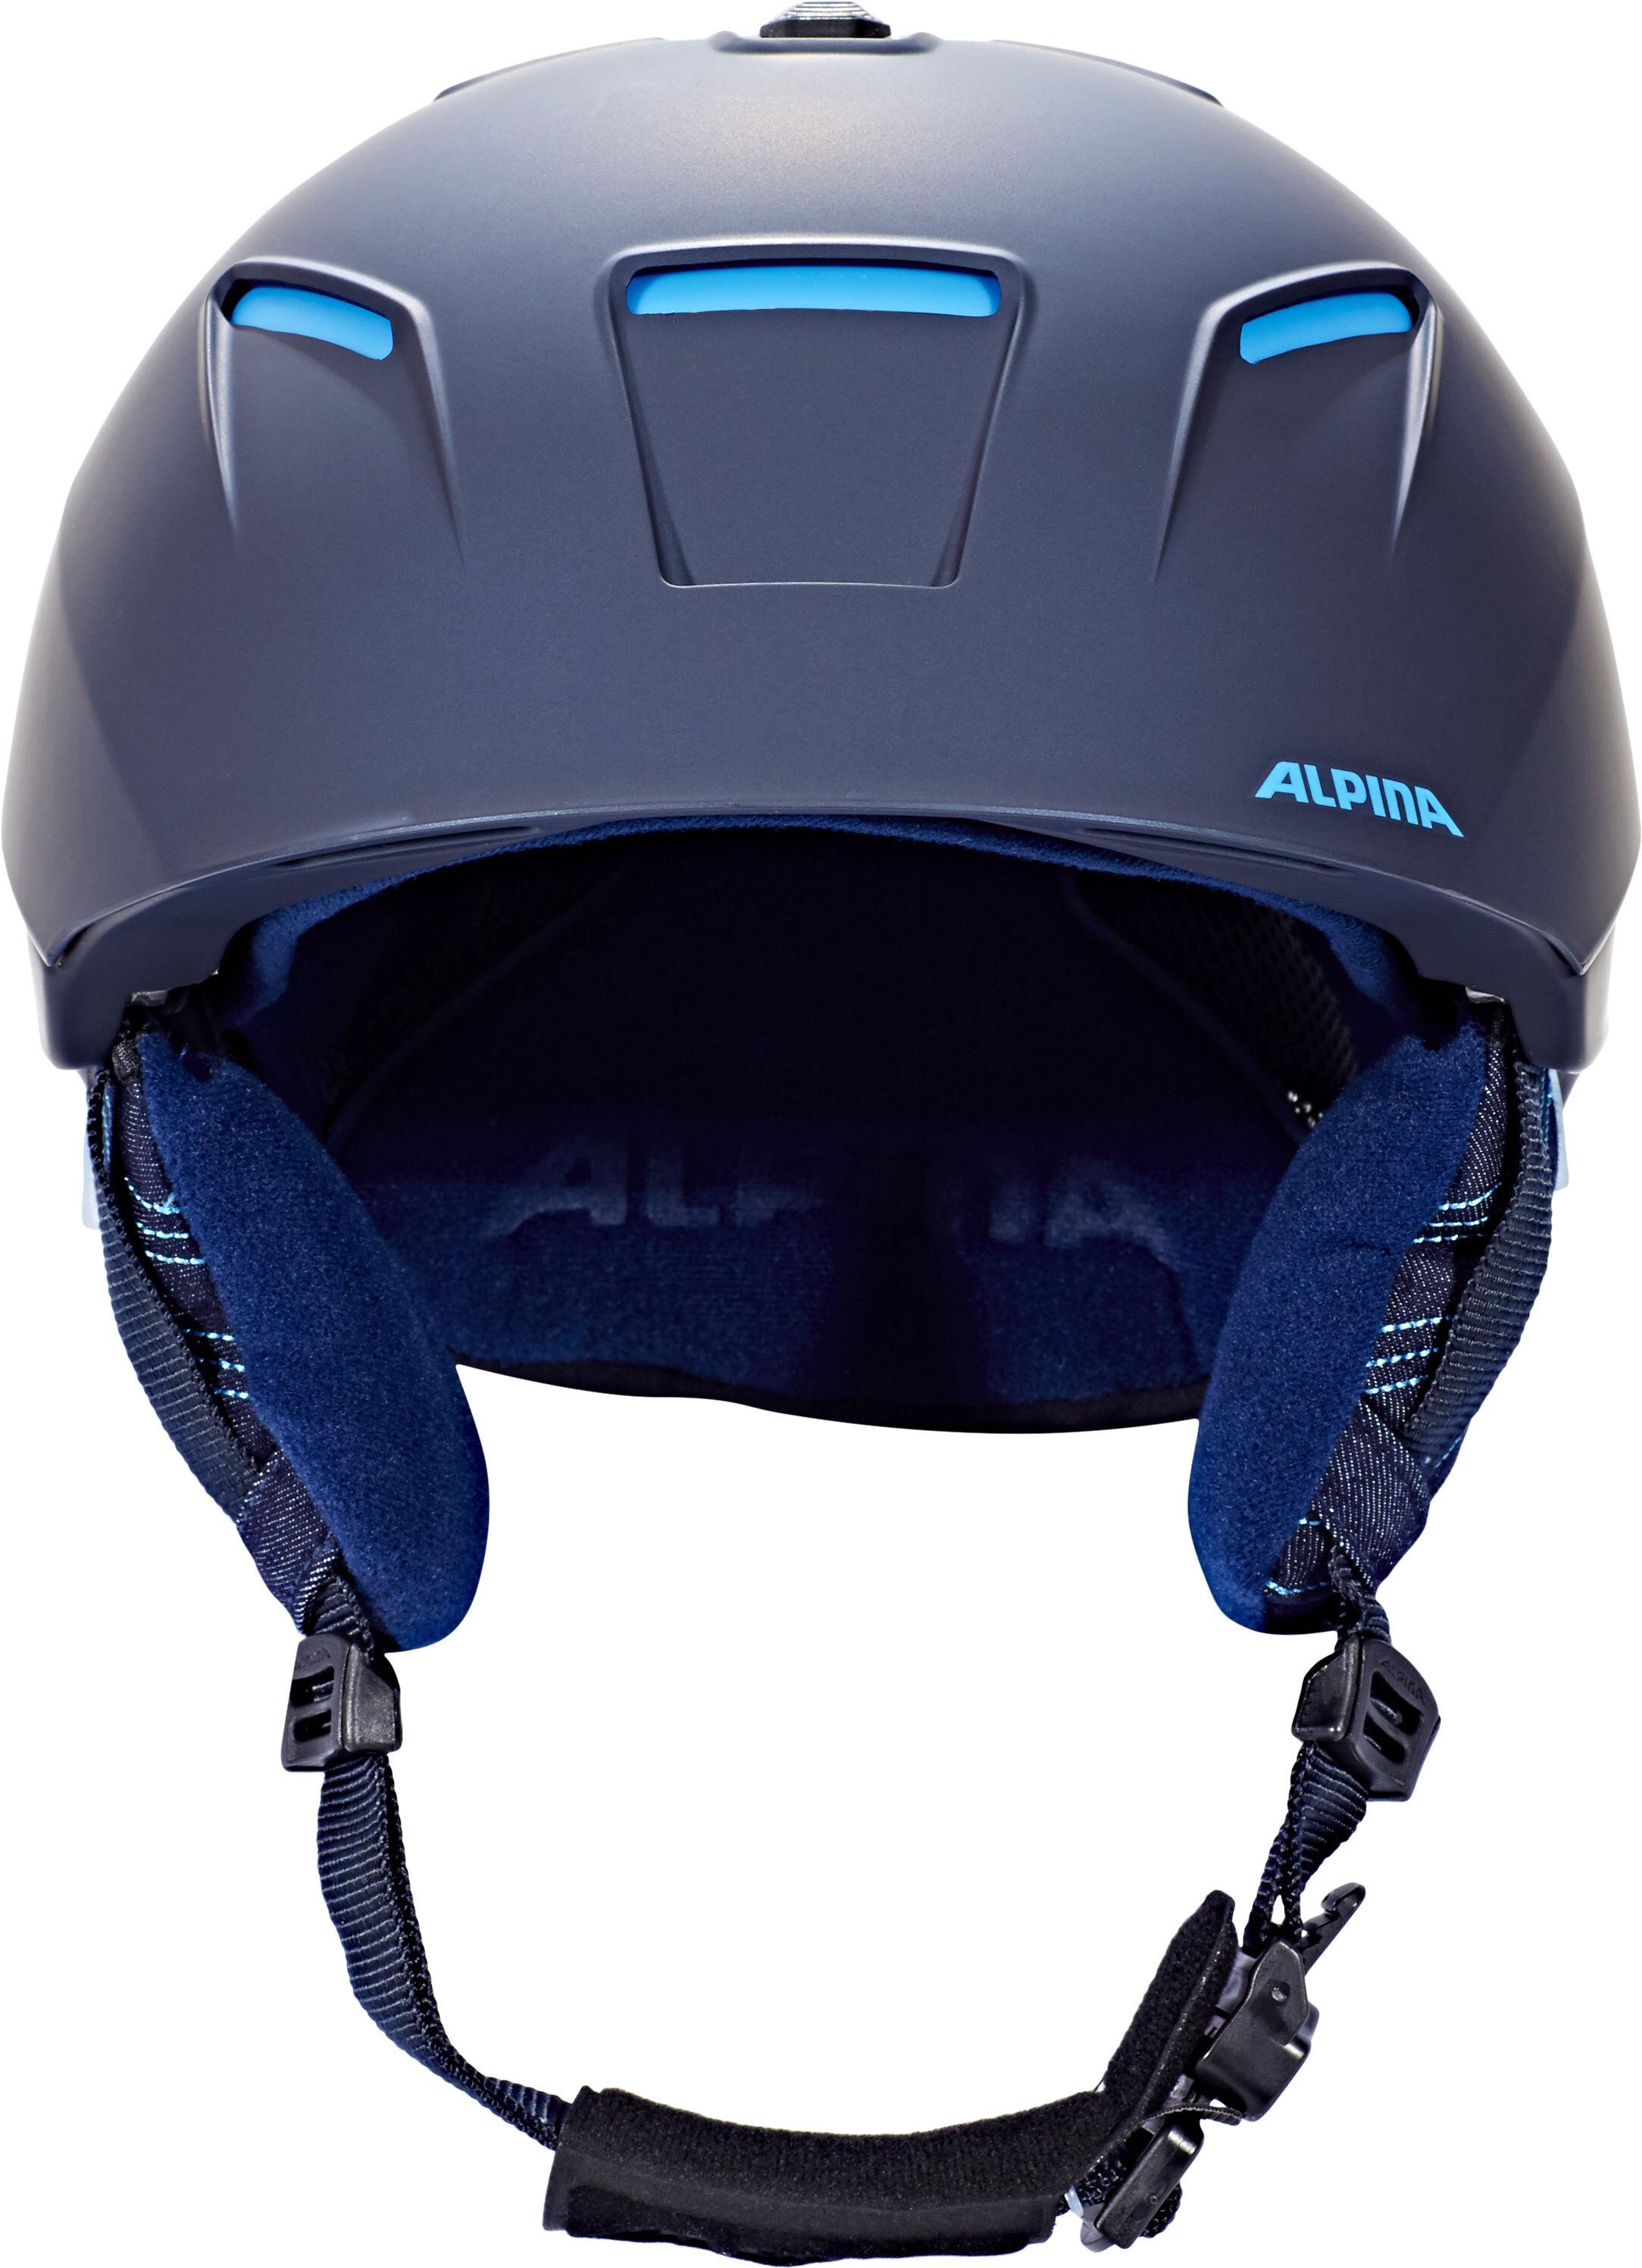 Alpina Cheos Casco De Bicicleta Azul Campz Es